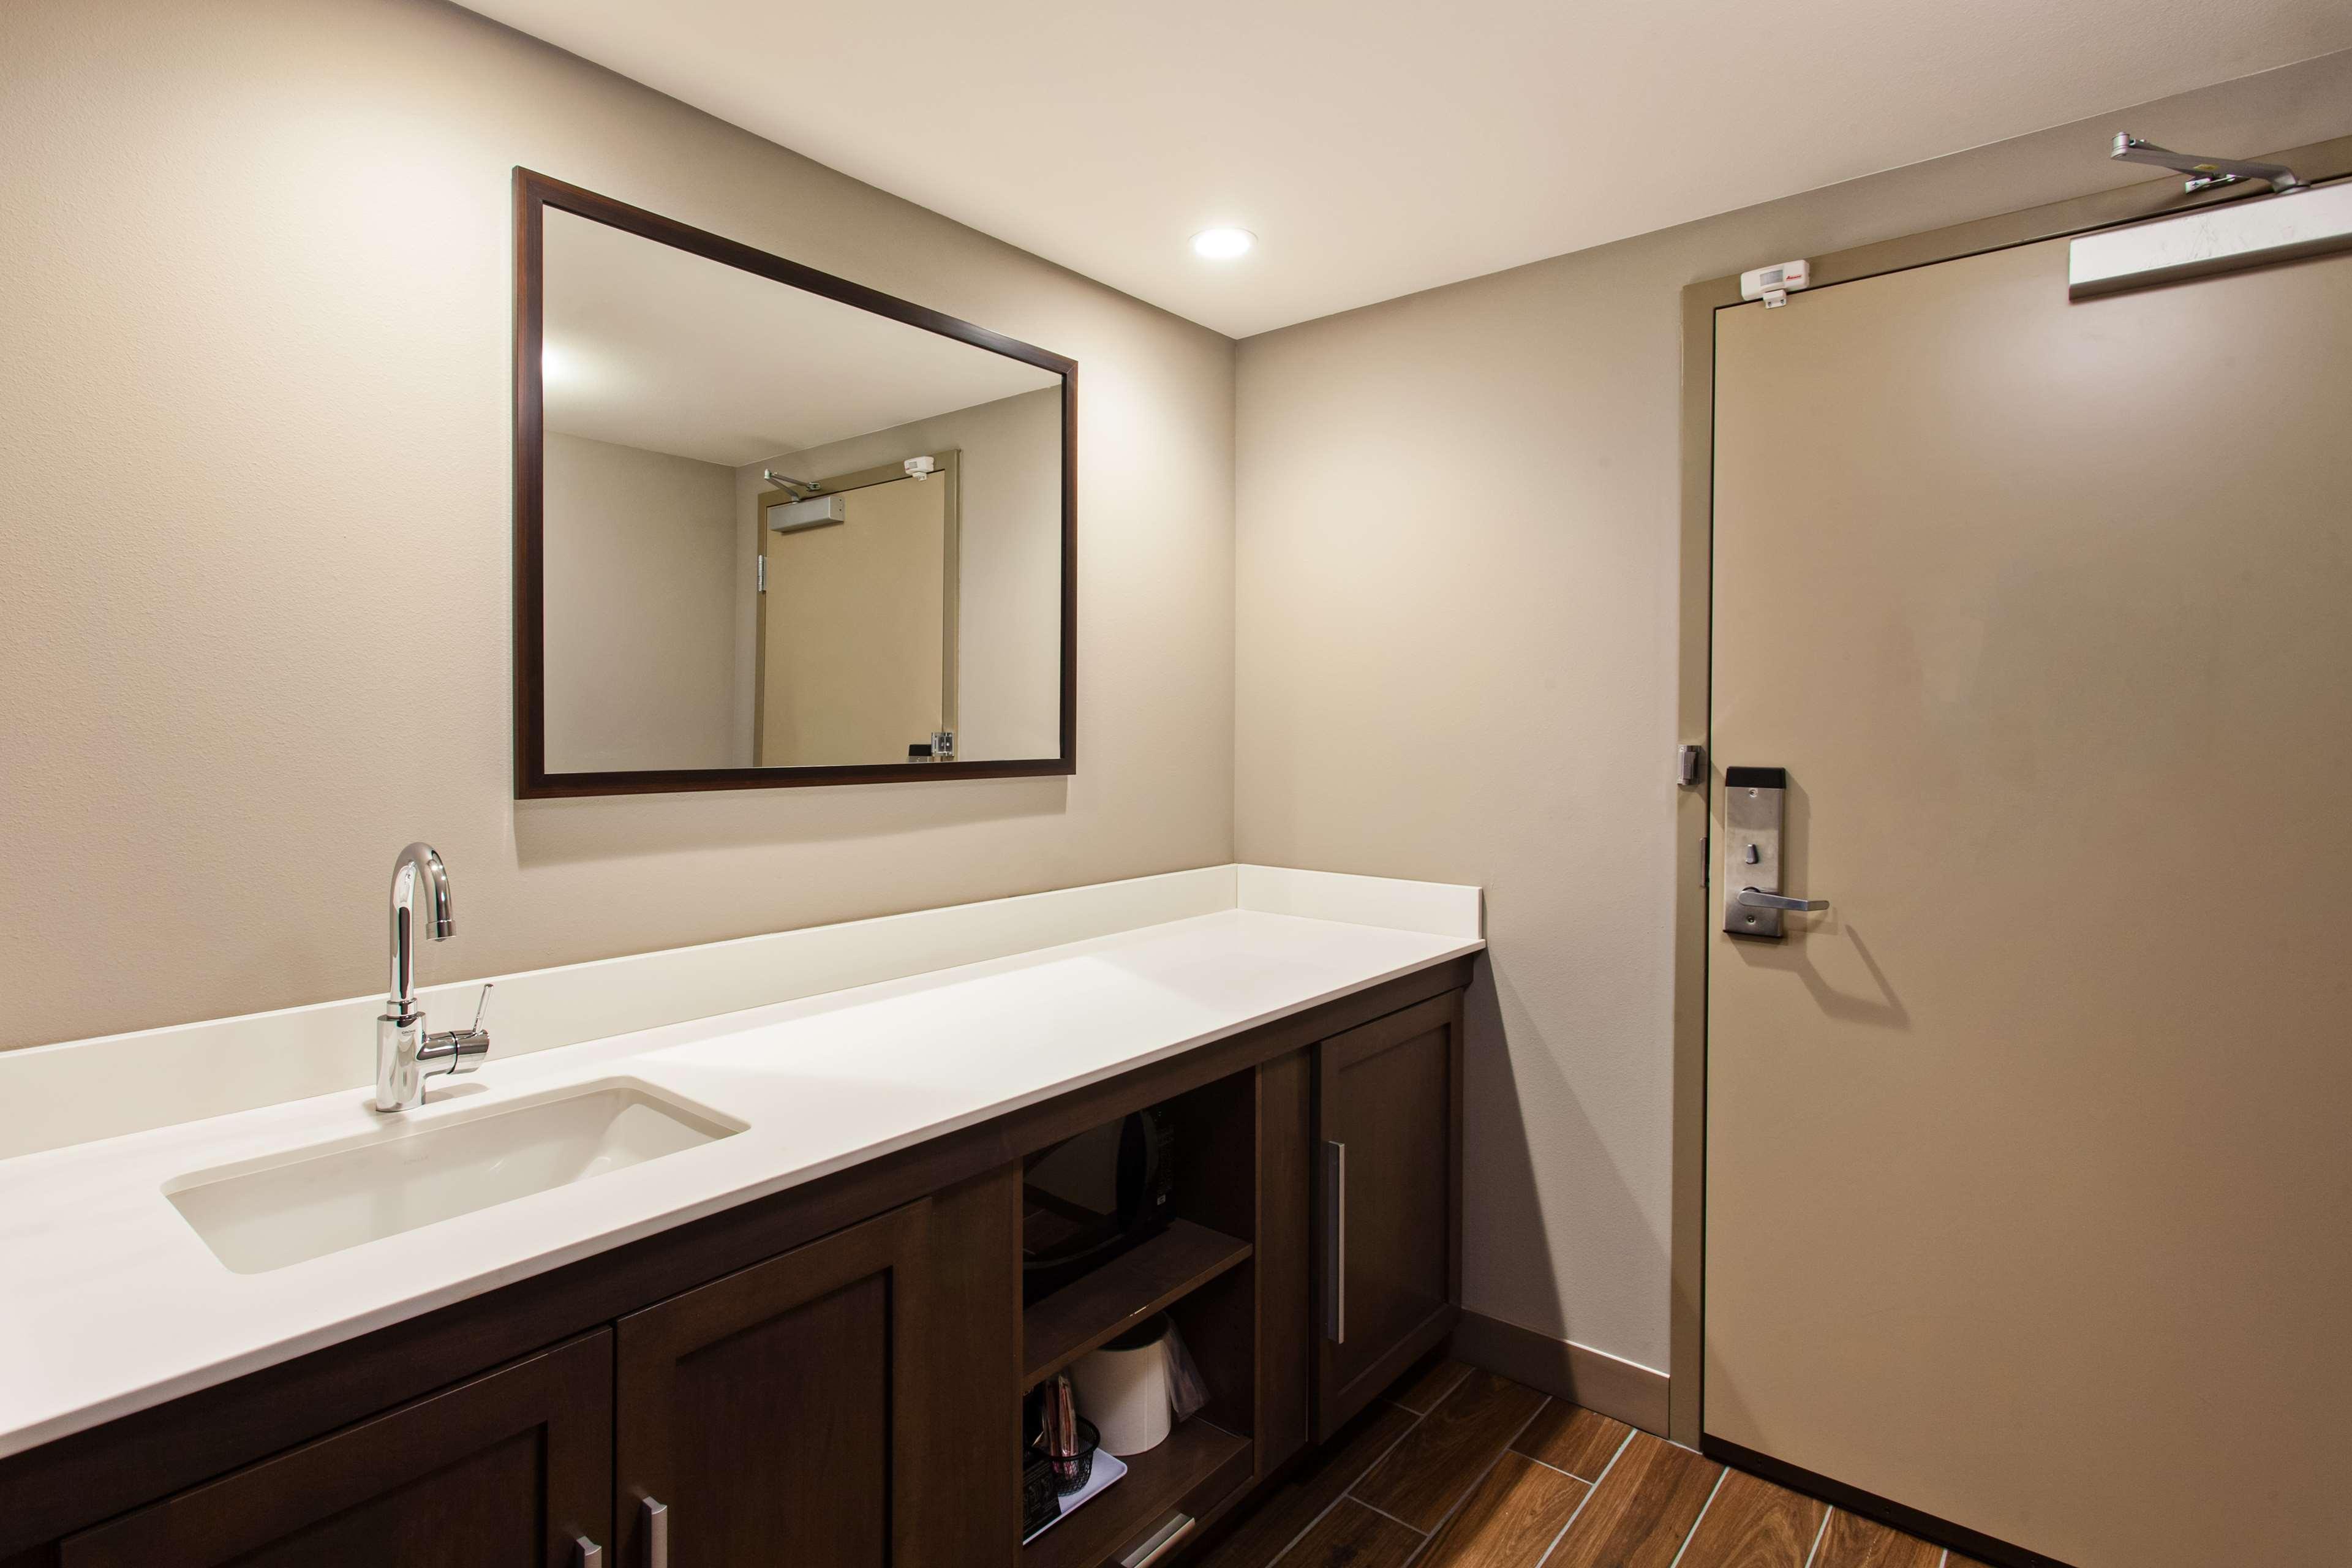 Hampton Inn & Suites Leavenworth image 22